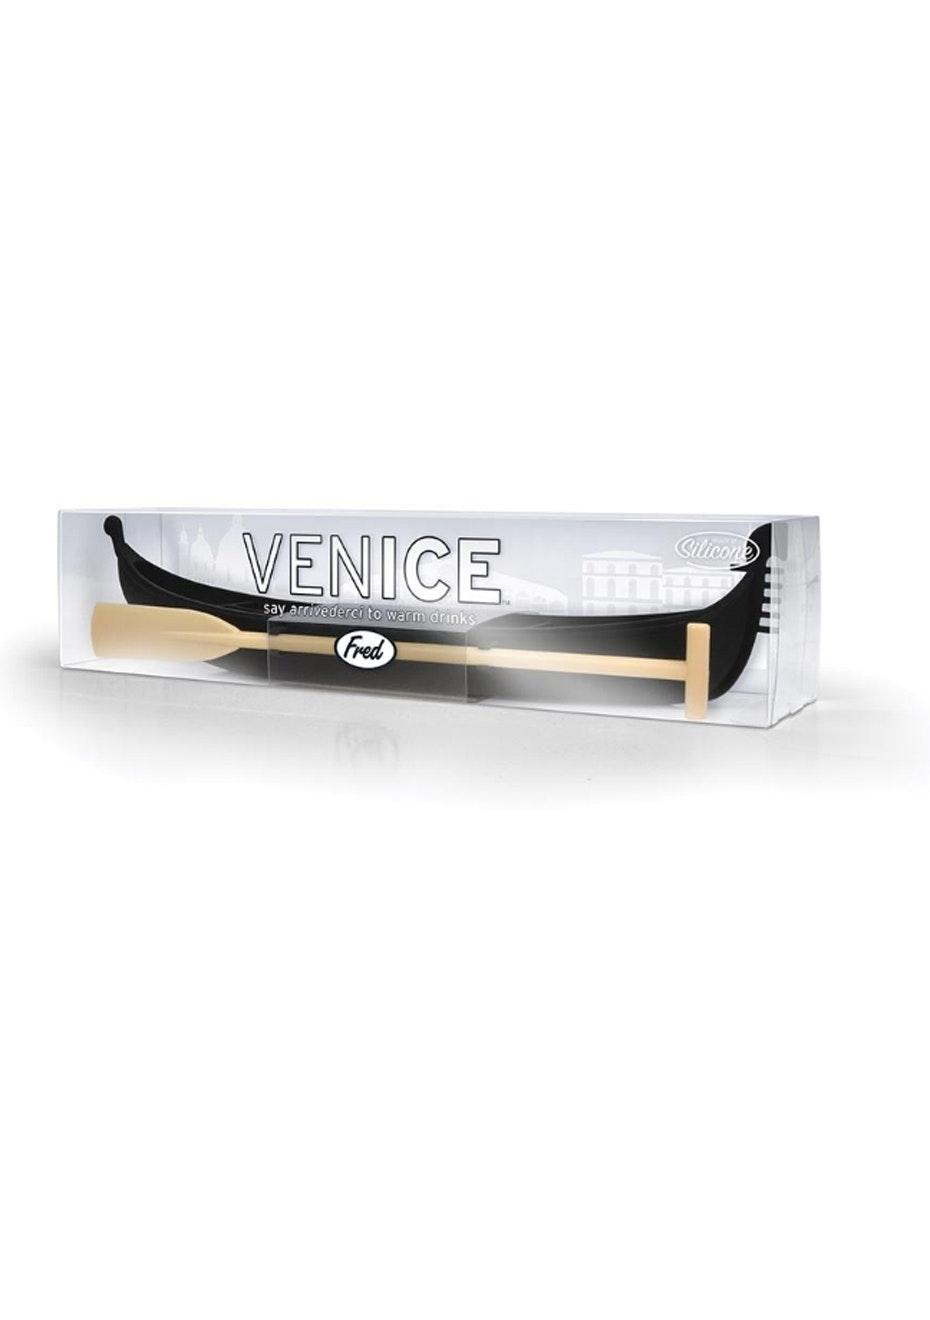 Venice Gondola Ice Tray